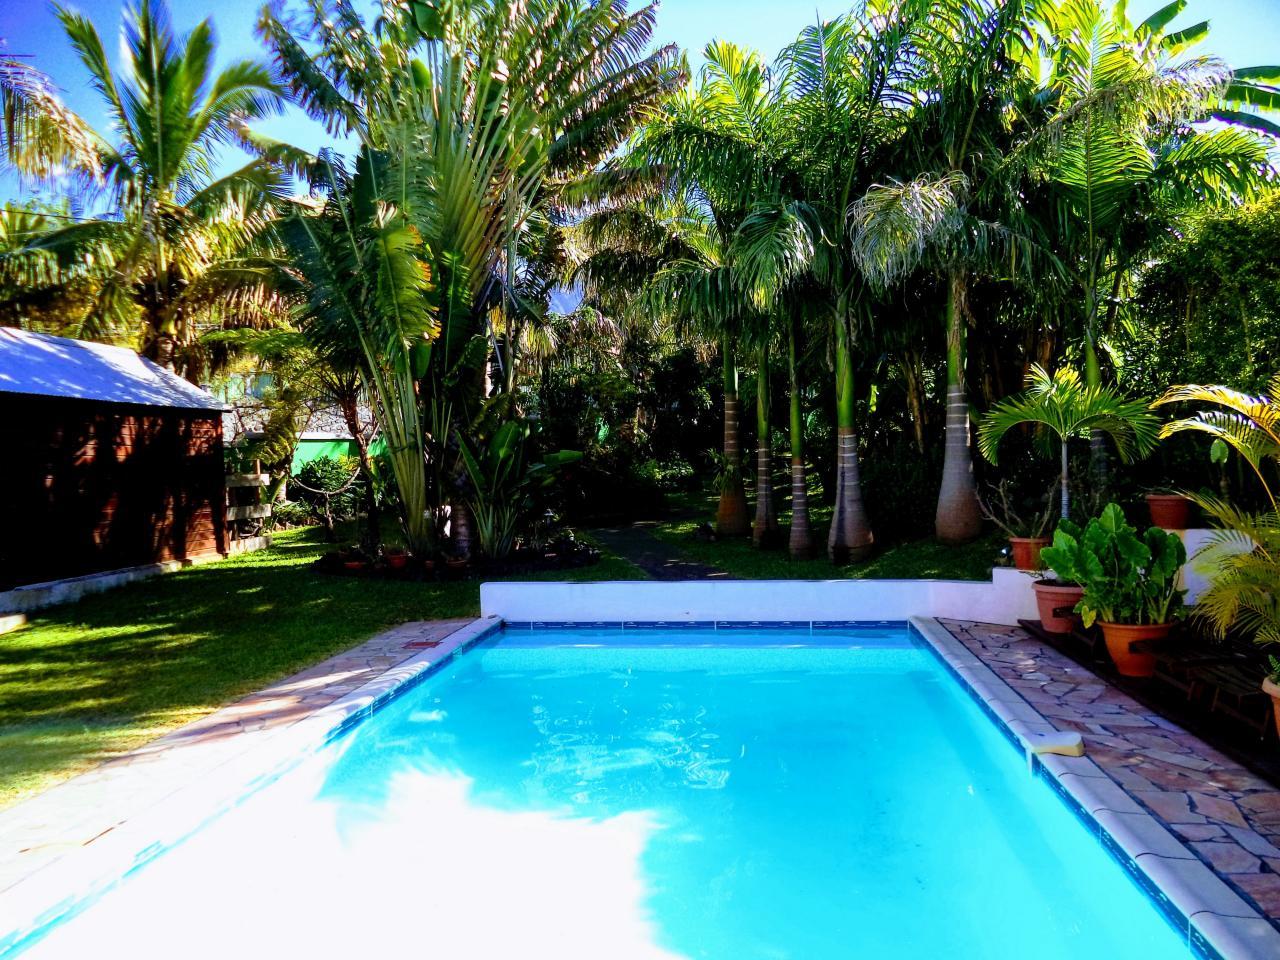 la piscine de 9 m sur 4 m